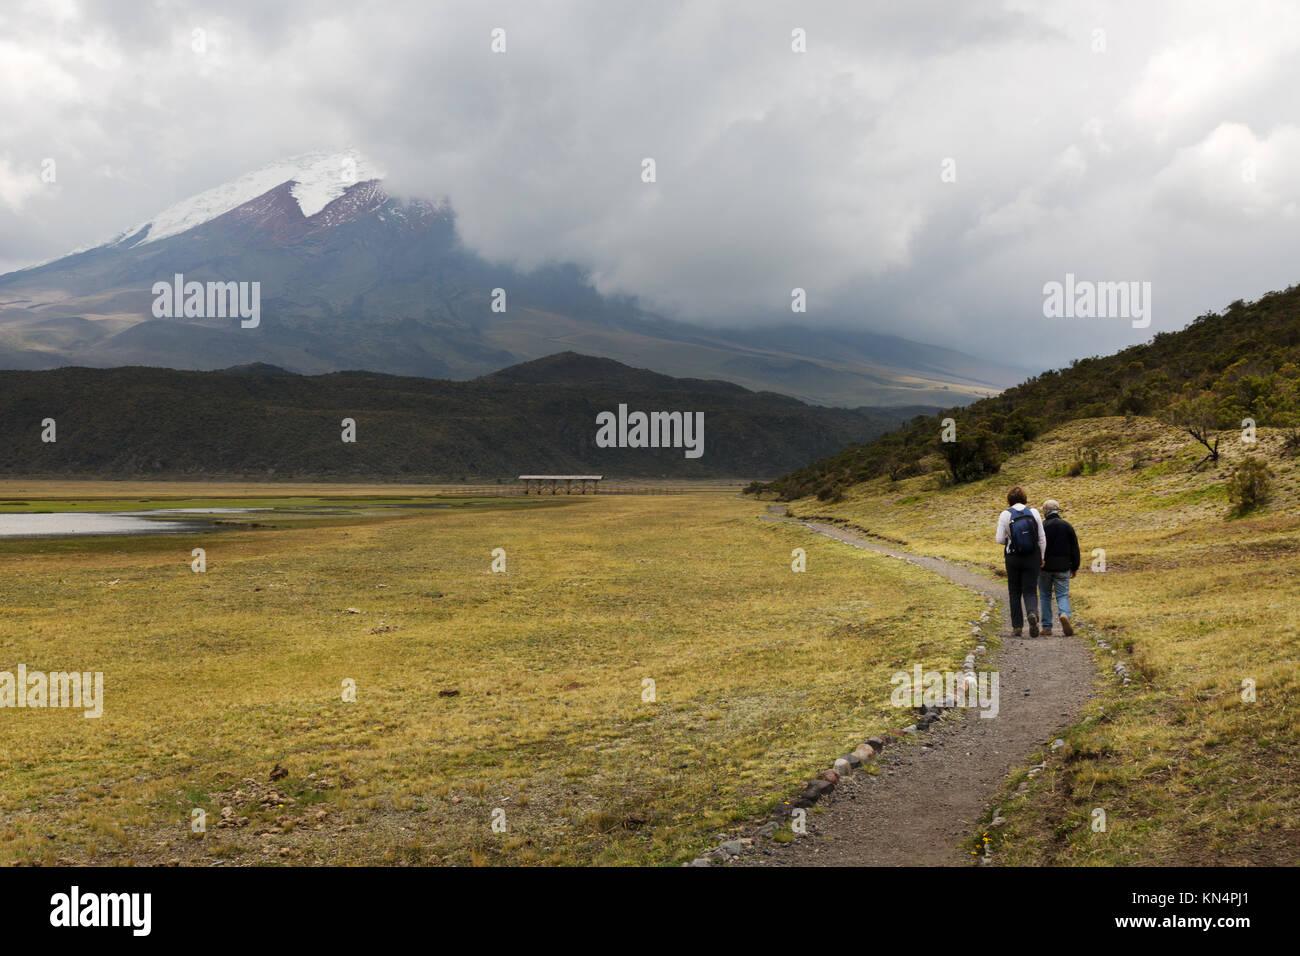 Parque Nacional Cotopaxi, Ecuador - la gente caminando en el parque, Ecuador, Sudamérica Imagen De Stock